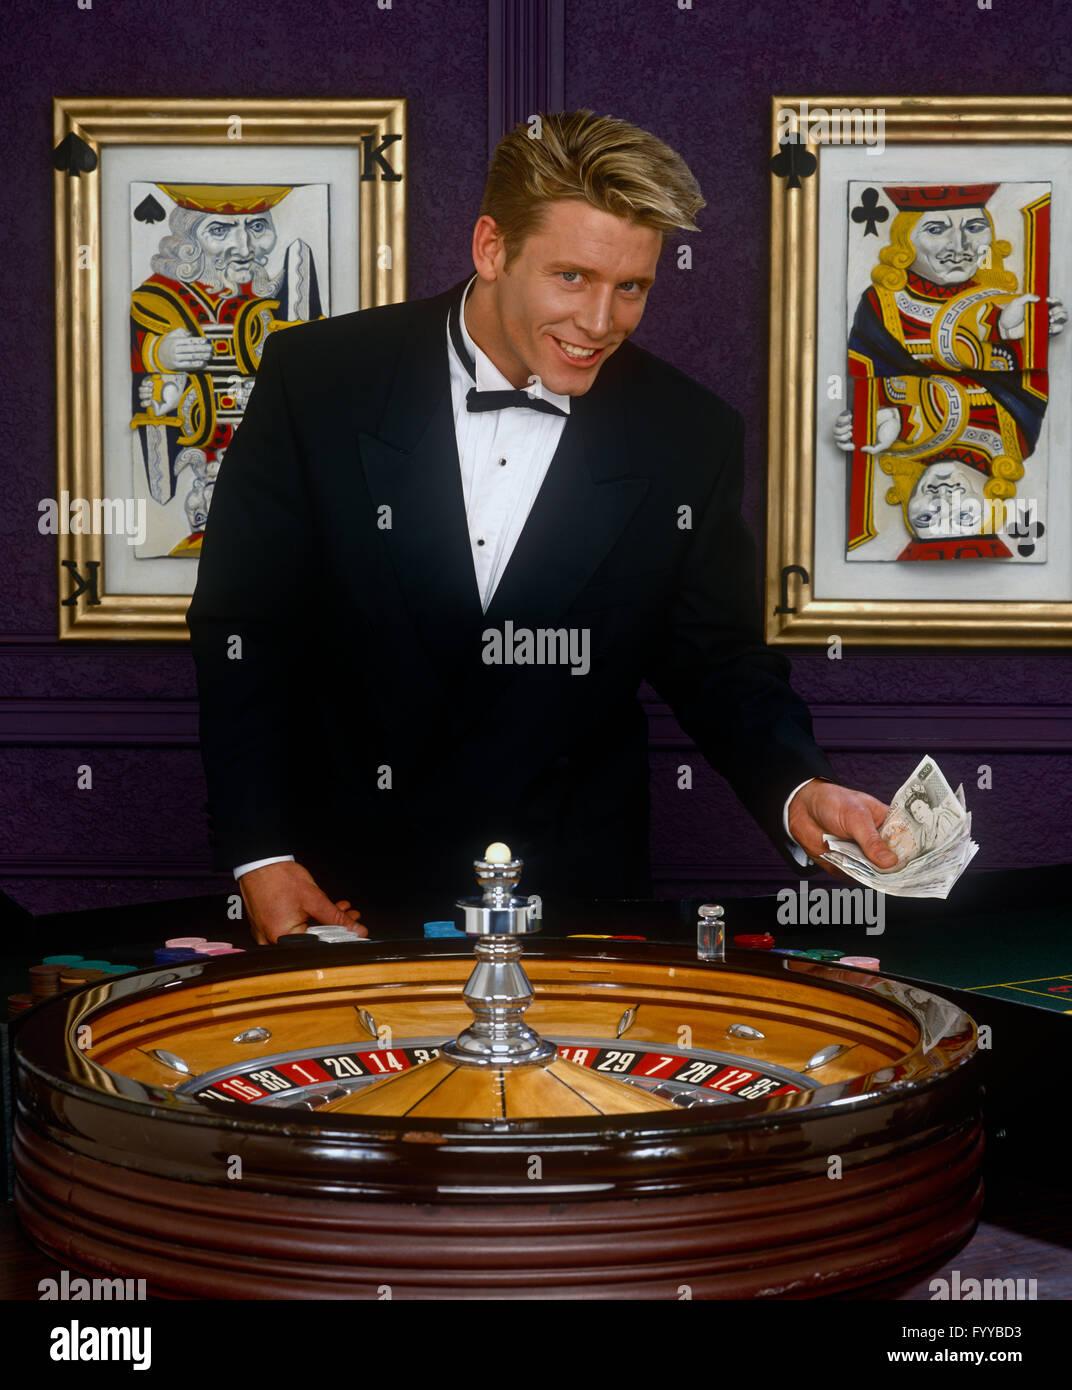 Concessionnaire mâle dans un casino par une roue de roulette, à l'intérieur. Photo Stock